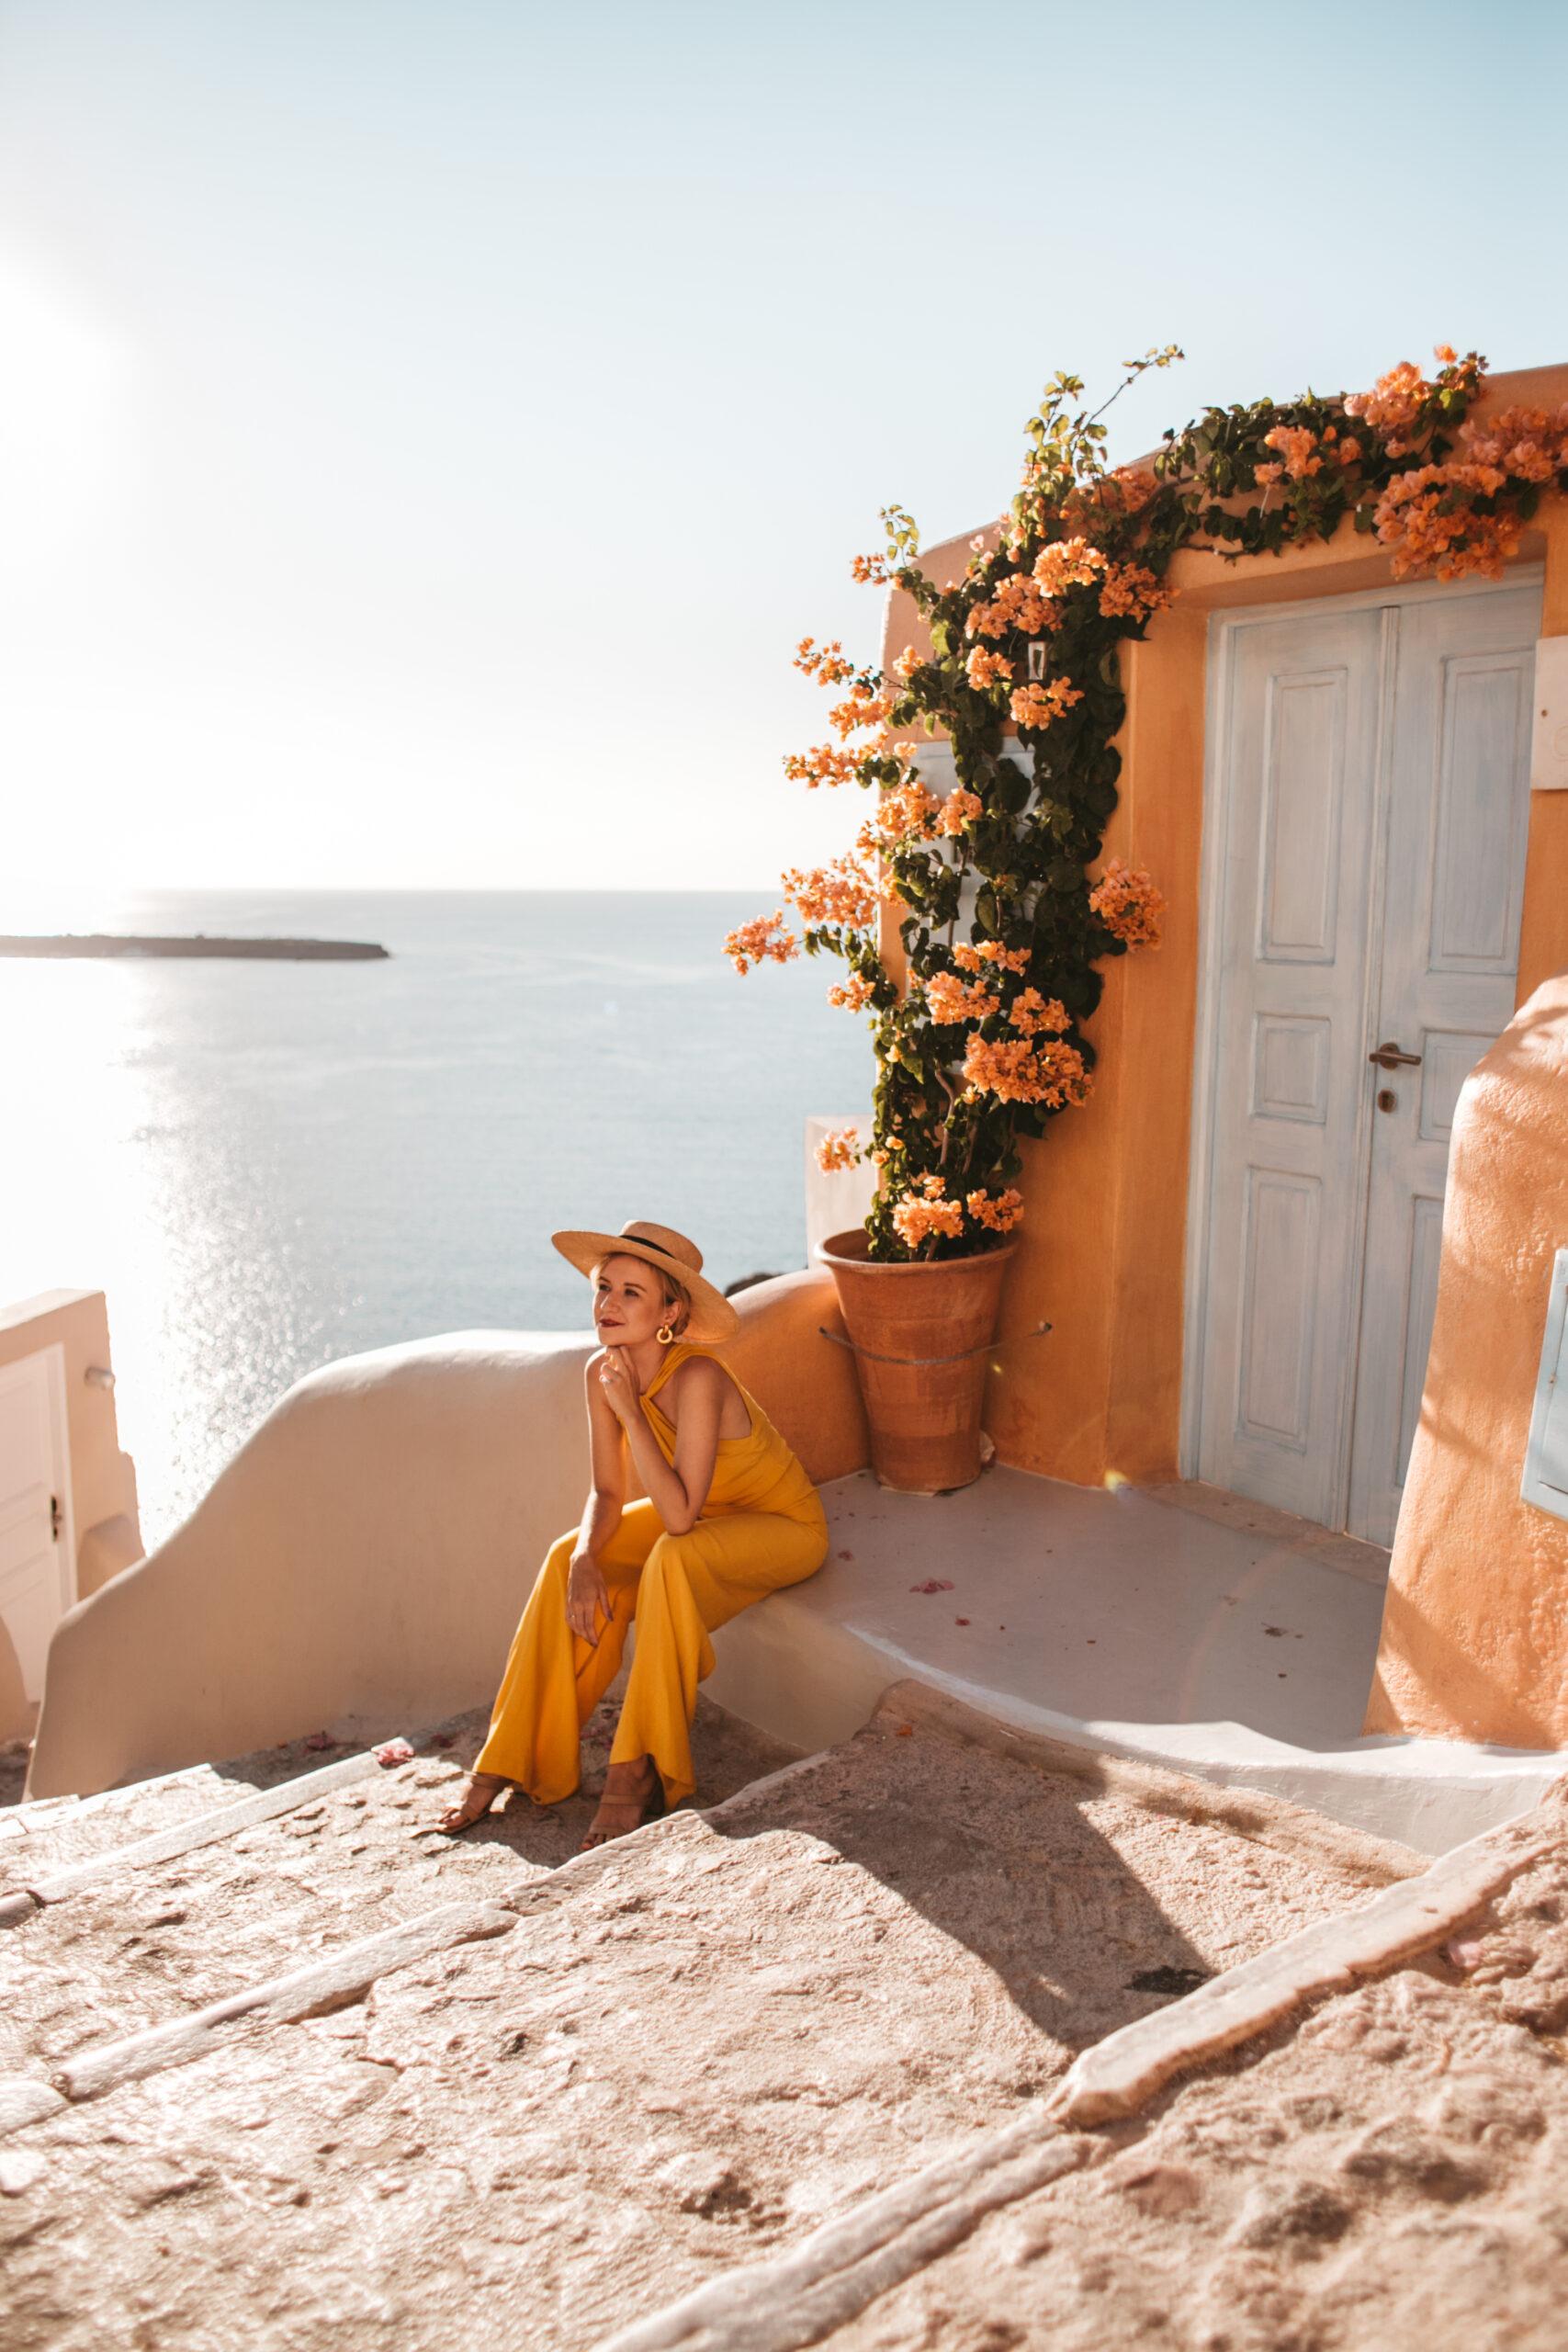 Kastro hotel Santorini Oia, domki w Oia, uliczki Oia, wczasy Oia, wycieczka do Santorini